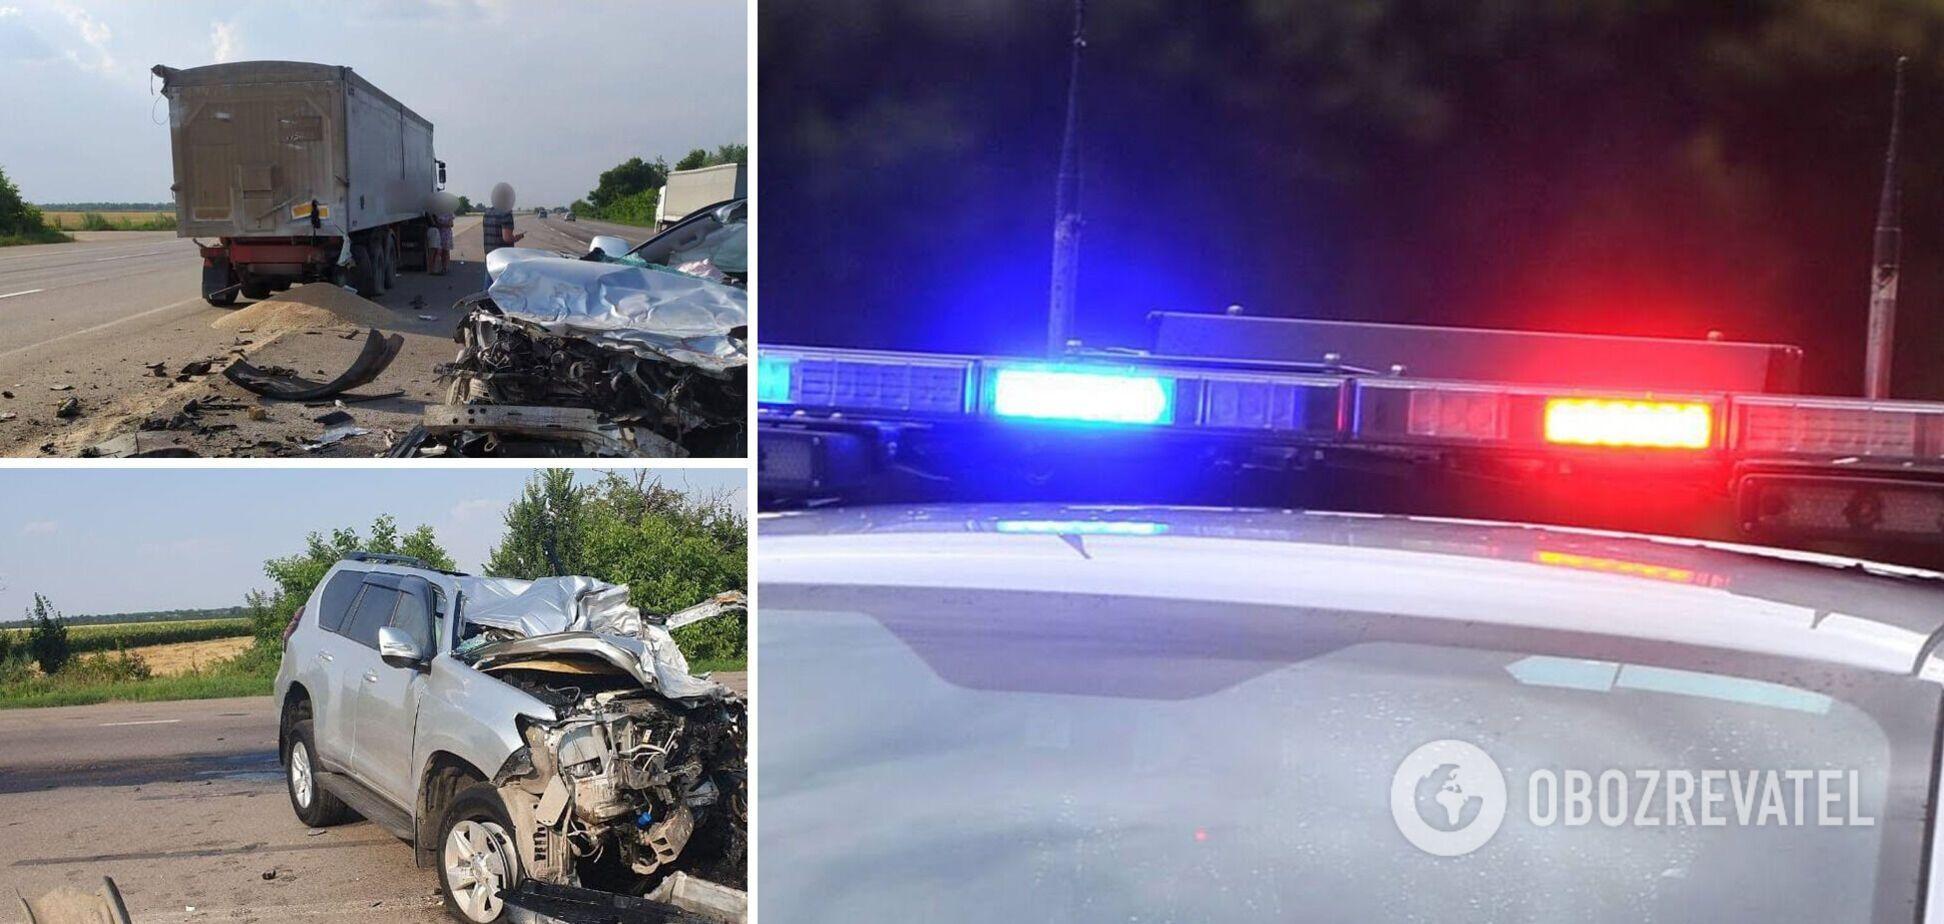 Под Одессой внедорожник разорвало от столкновения с грузовиком: погиб чиновник автодора. Фото и видео 18+